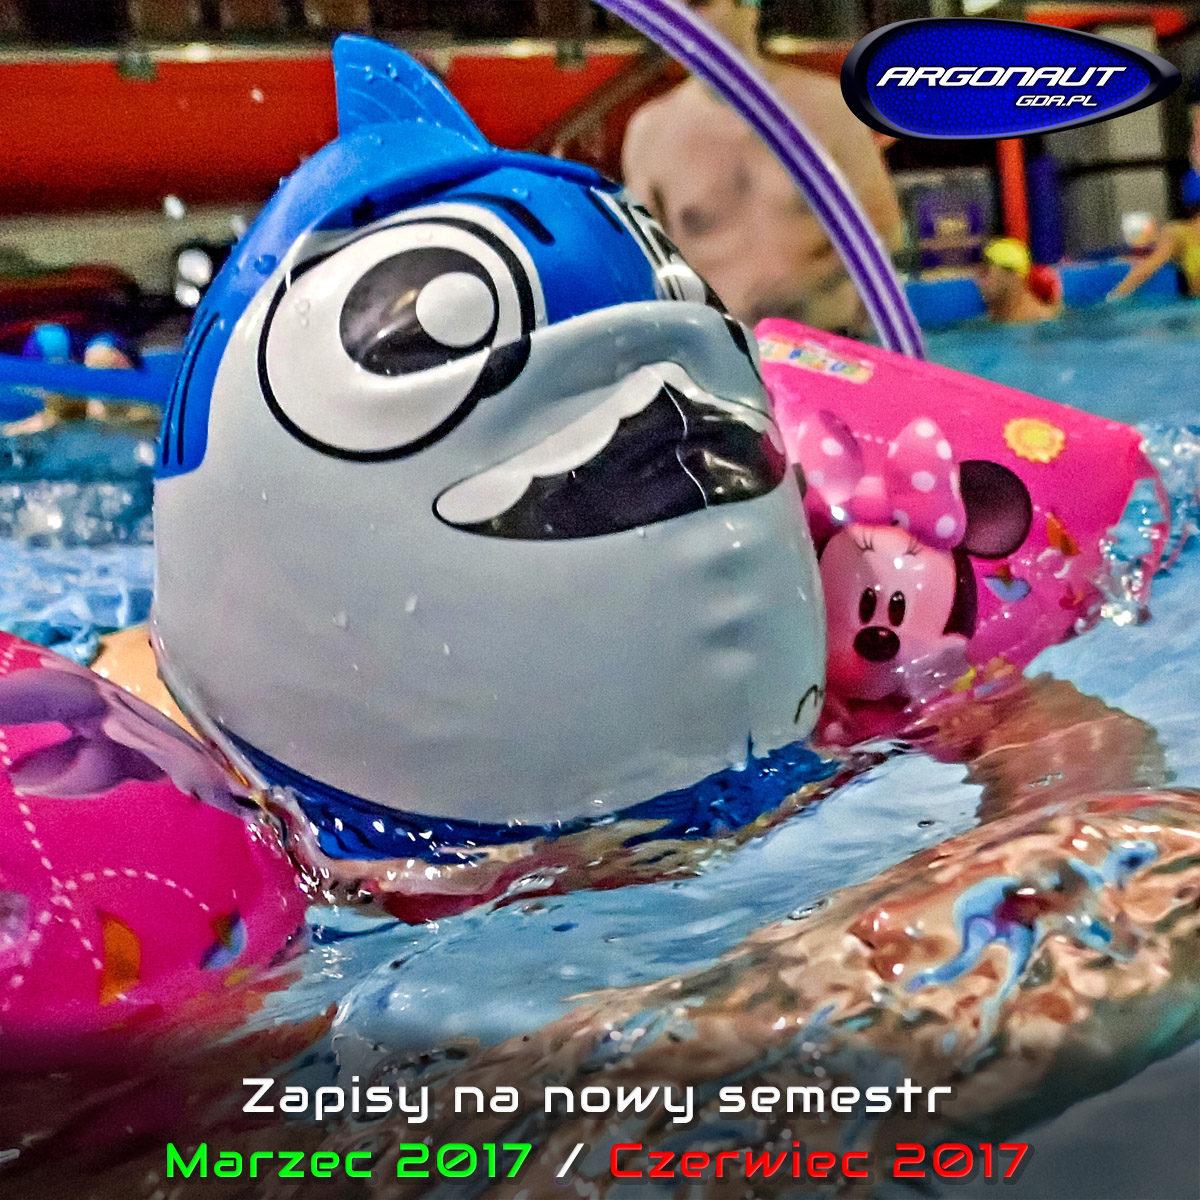 Informujemy, iż prowadzimy zapisy na nowy semestr Marzec 2017 / Czerwiec 2017 Zapraszamy na : Zajęcia fitness w wodzie – Aqua Aerobic w płytkim basenie i Hydro Fitness w głębokim basenie. Oferta pływacka – pływanie rekreacyjne (karnety na basen), nauka pływania od podstaw, doskonalenie i treningi pływackie dla dzieci, młodzieży i dorosłych. Lekcje i treningi pływania w triathlonie (zajęcia na pływalni krytej oraz treningi na wodach otwartych).. Oferta nurkowa – kursy nurkowania rekreacyjnego oraz technicznego. Lekcje i treningi Freedivingu (nurkowania na wstrzymanym oddechu). Kursy pierwszej pomocy i treningi ratownictwa. Informację jak zapisać się pierwszy raz na zajęcia znajdą Państwo tu …->